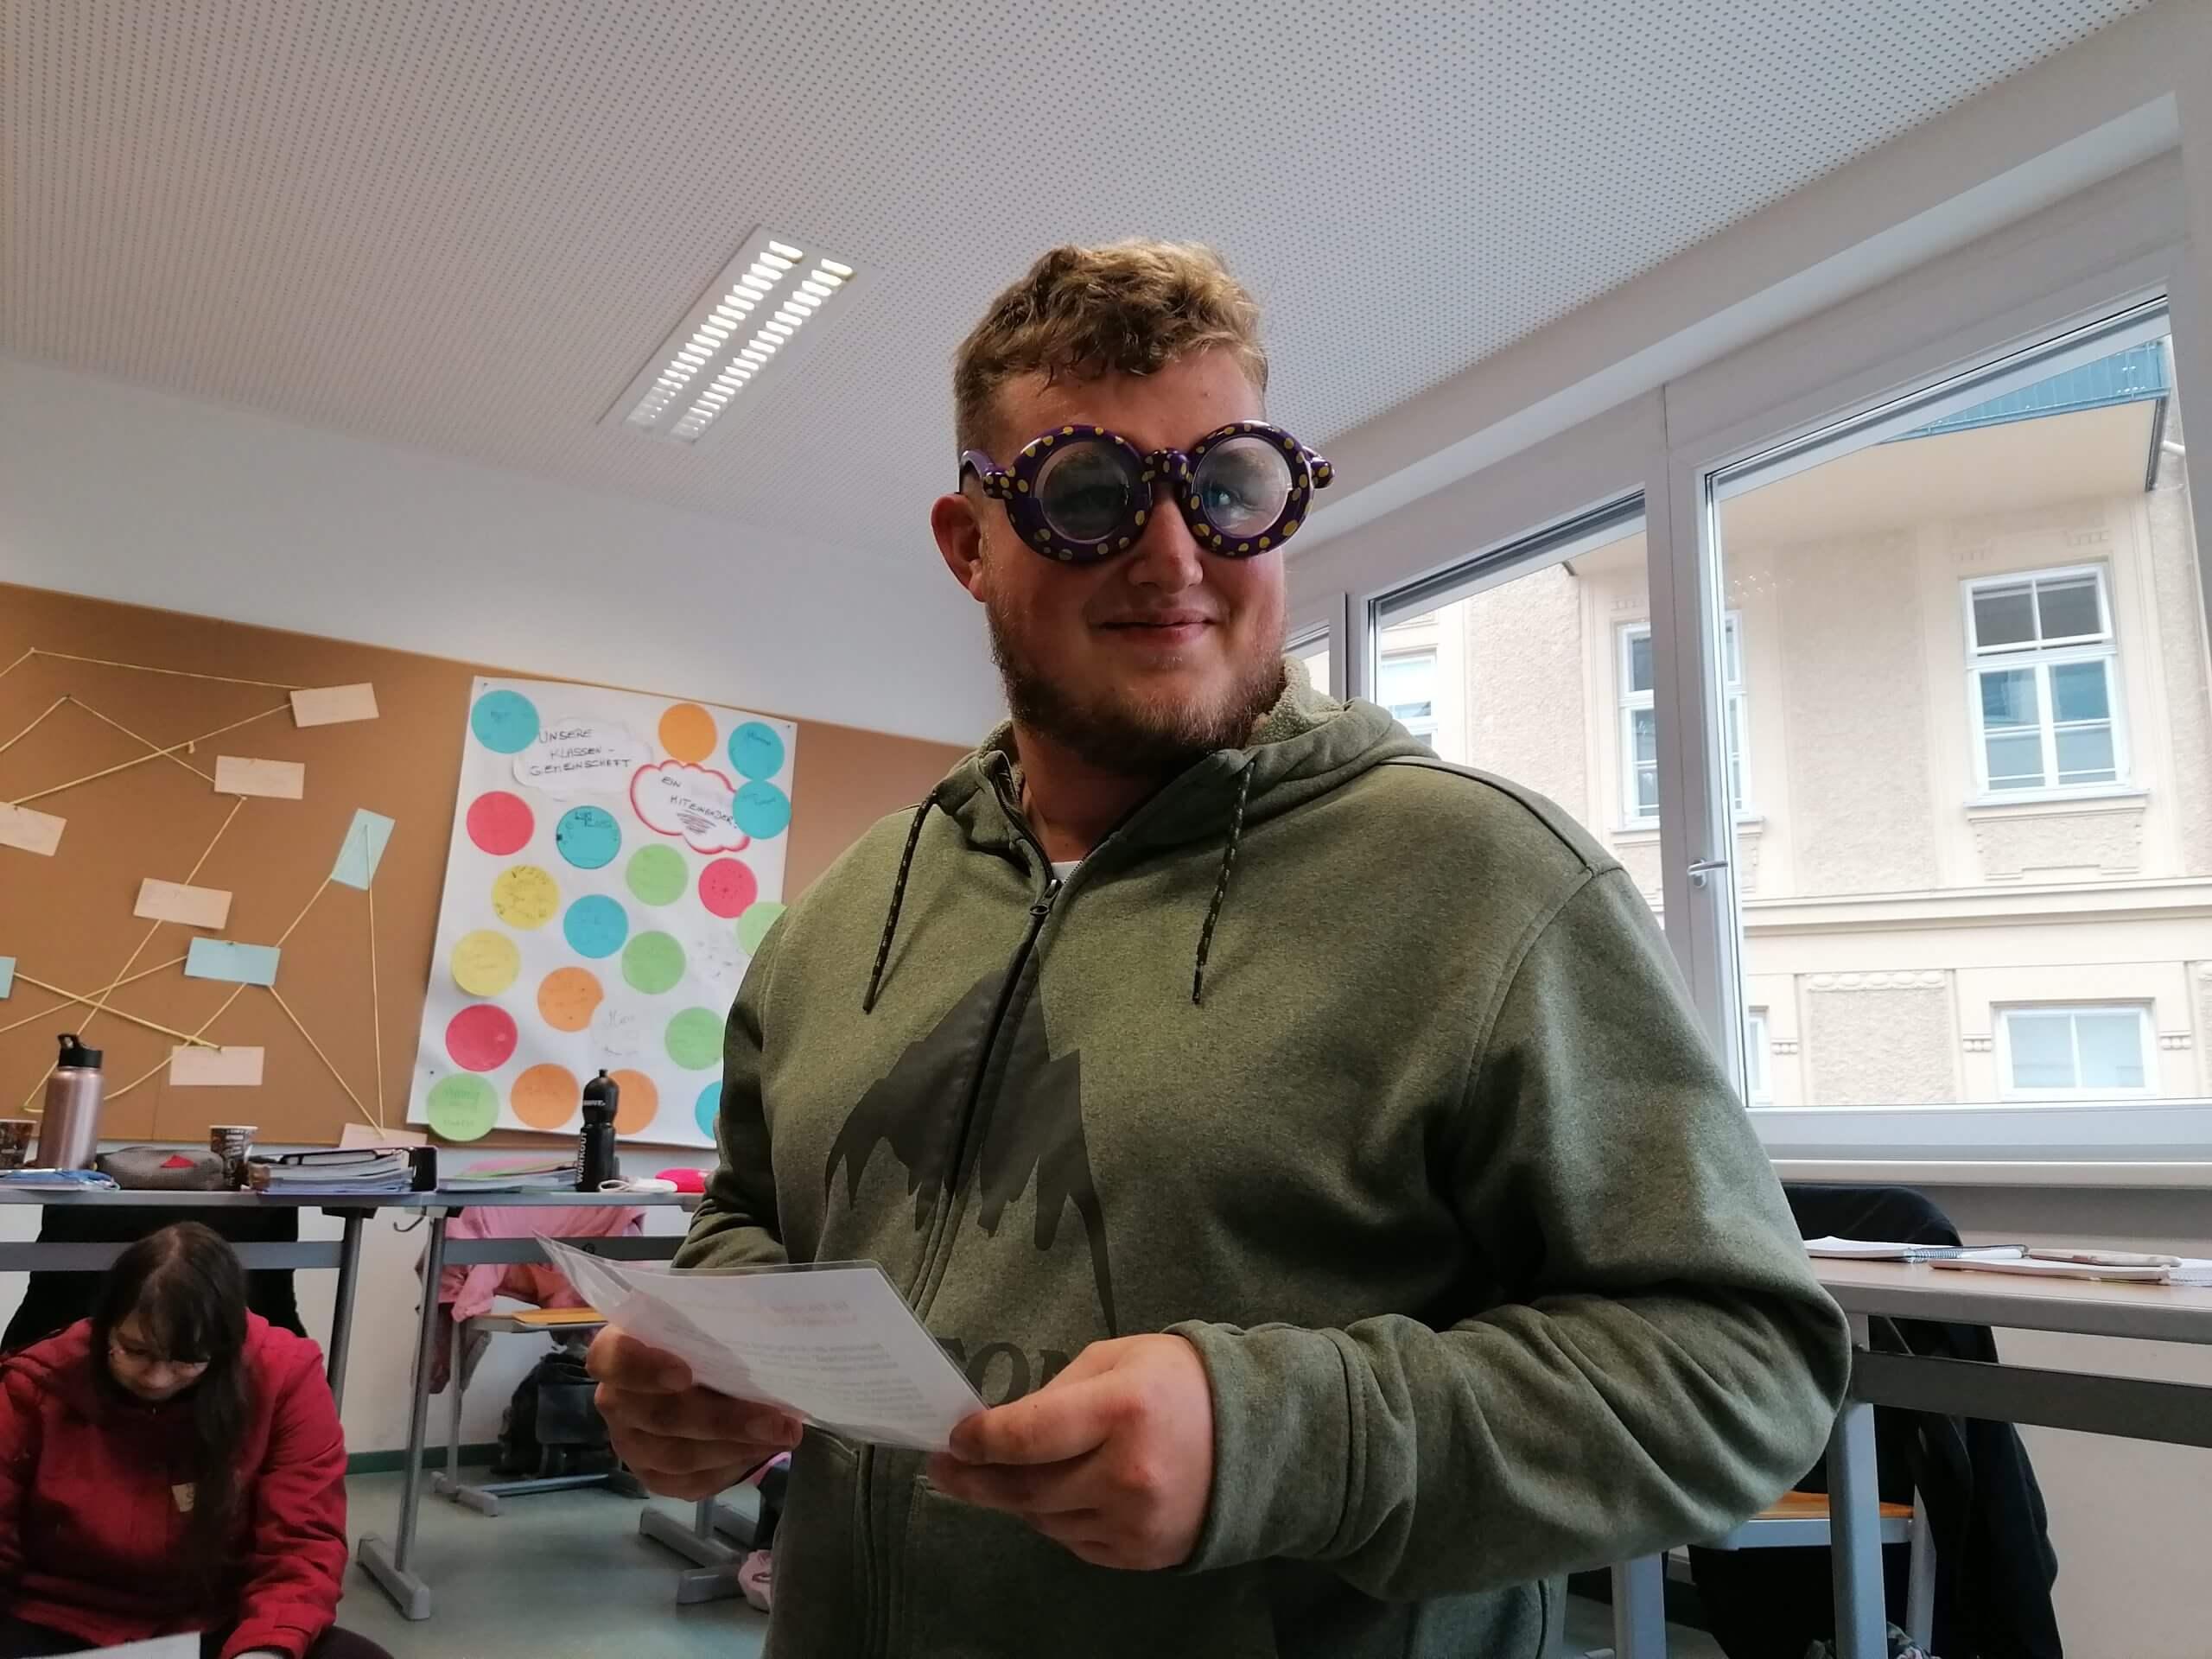 Ein Jugendlicher hat eine Brille auf, die eine Sehbeeinträchtigung simulieren soll.